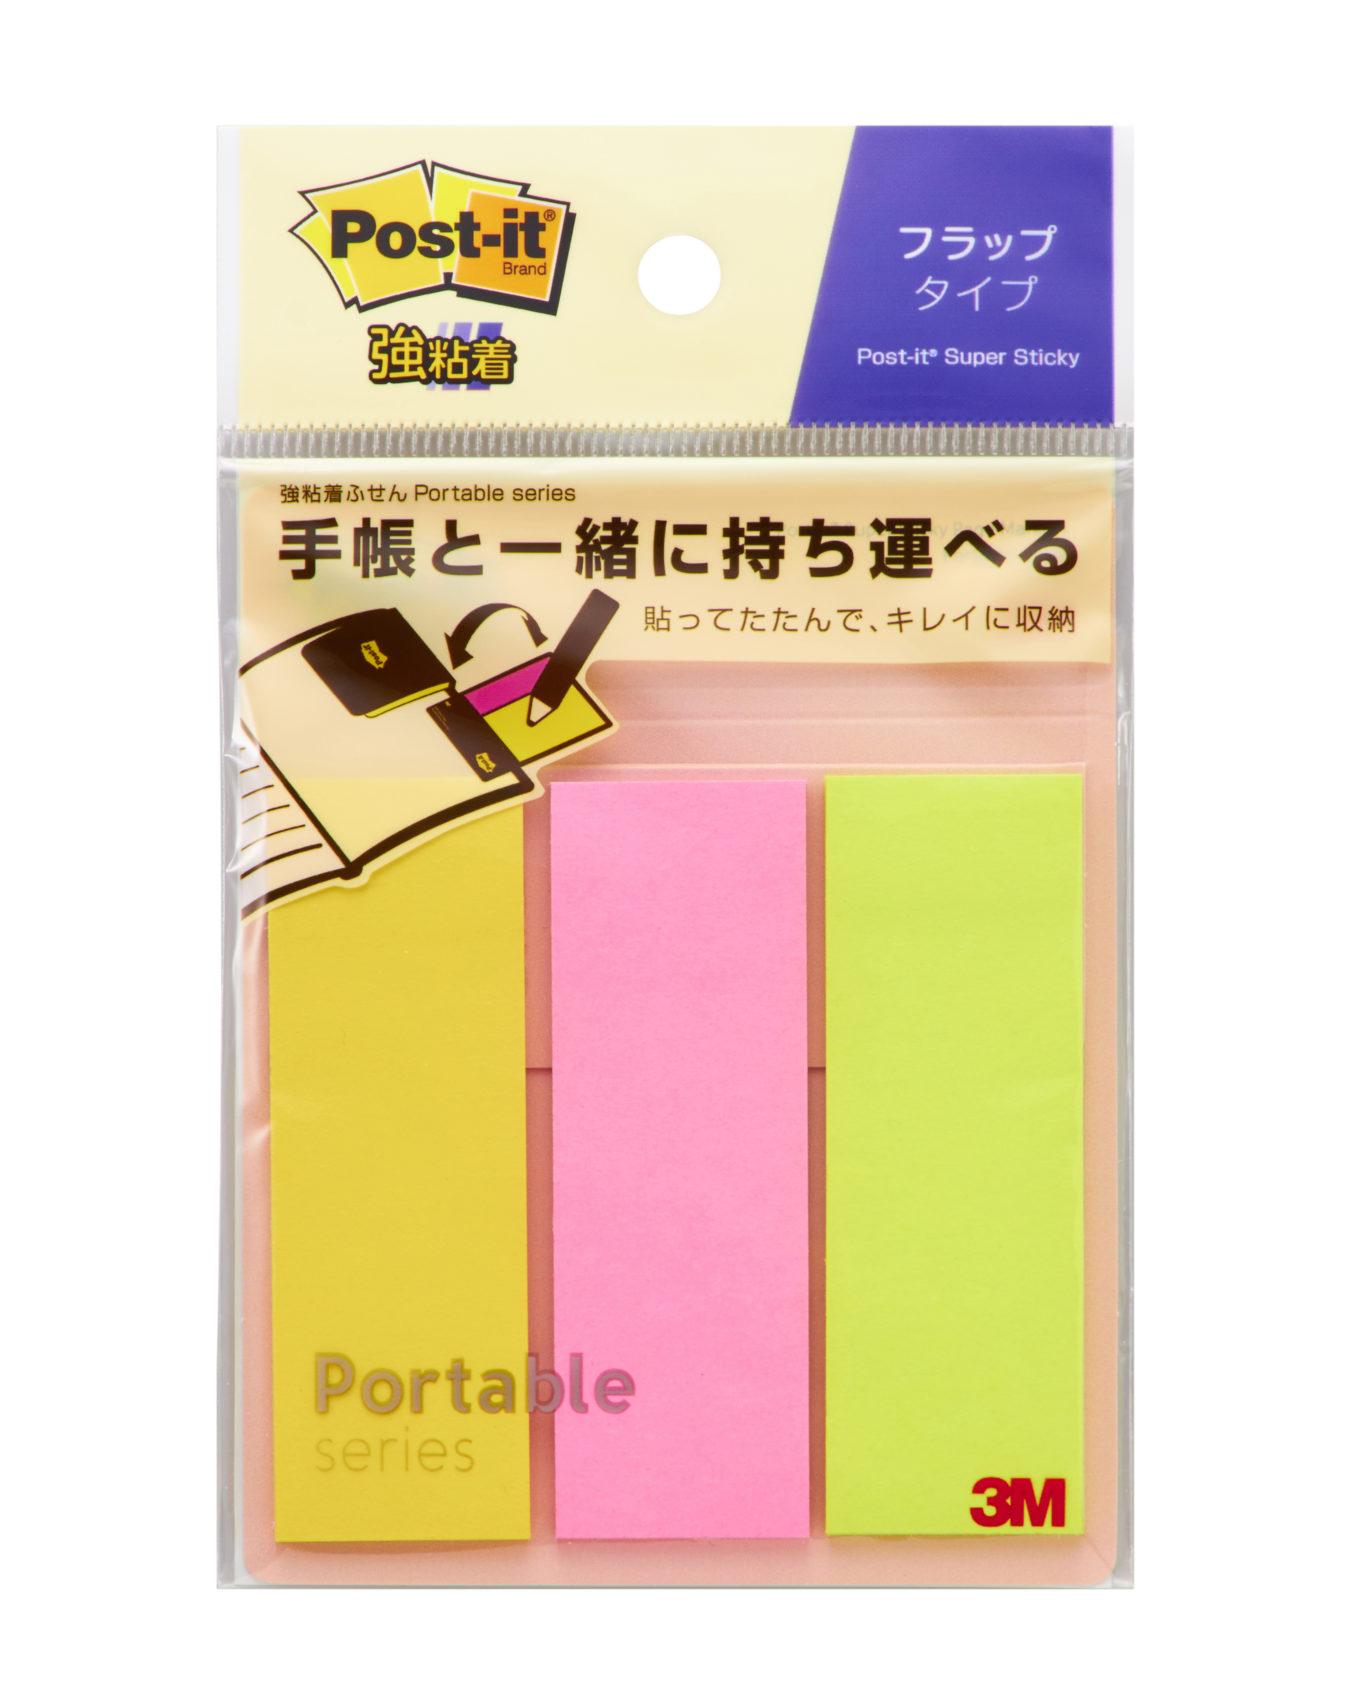 ポスト・イット 強粘着見出し ポータブルシリーズPOF-M-G4(スリーエム)